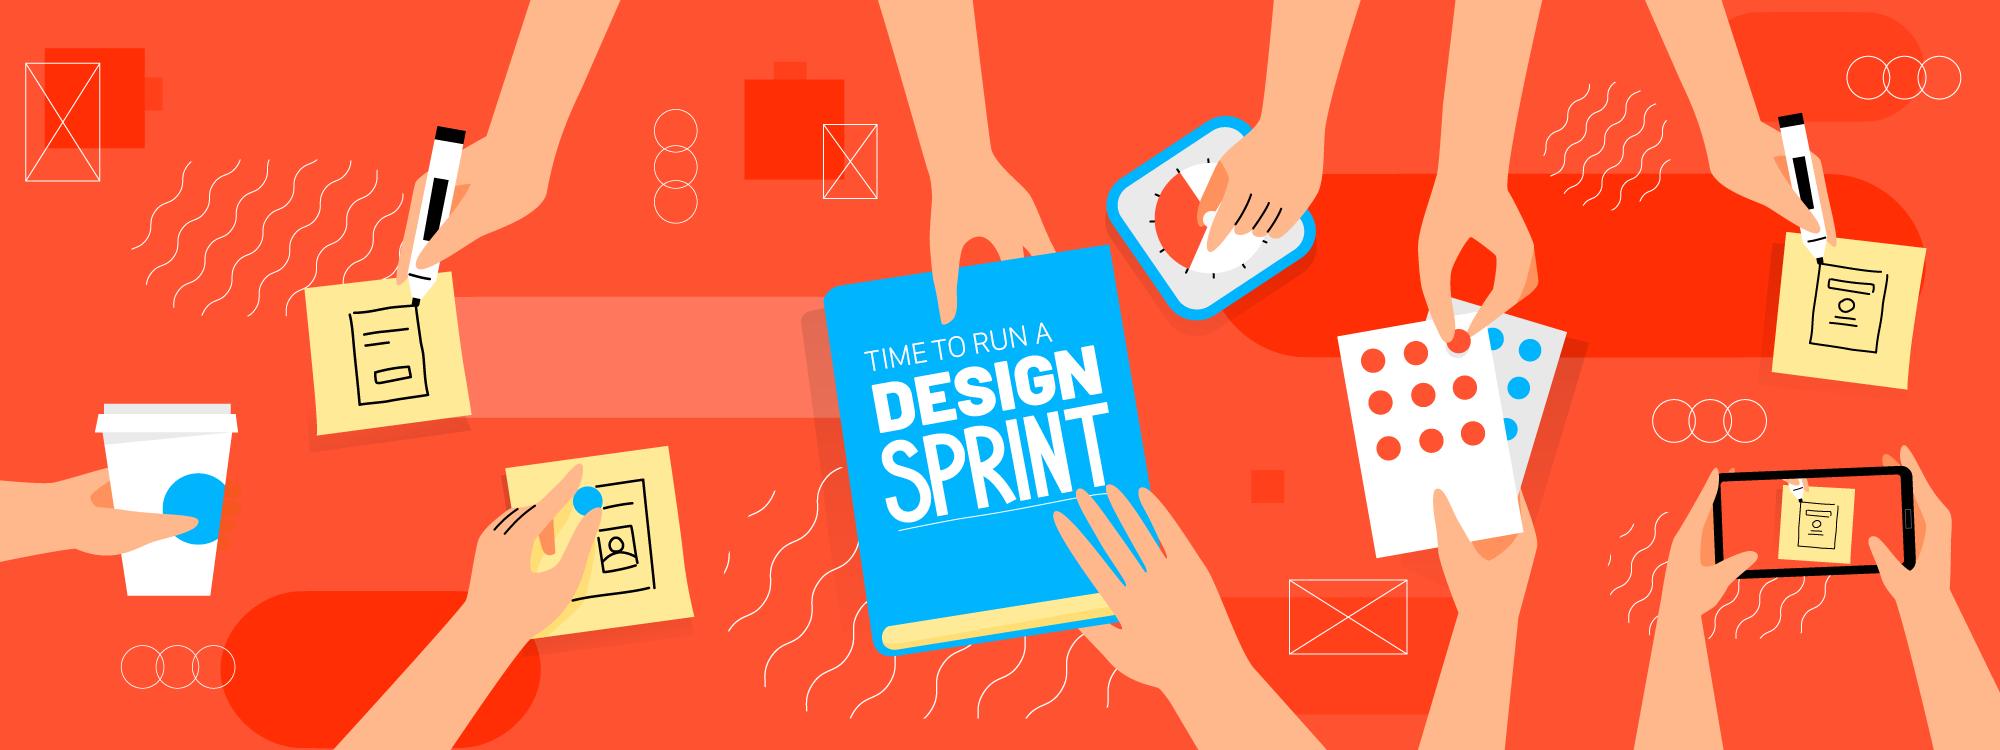 18 Tips to Run a Design Sprint